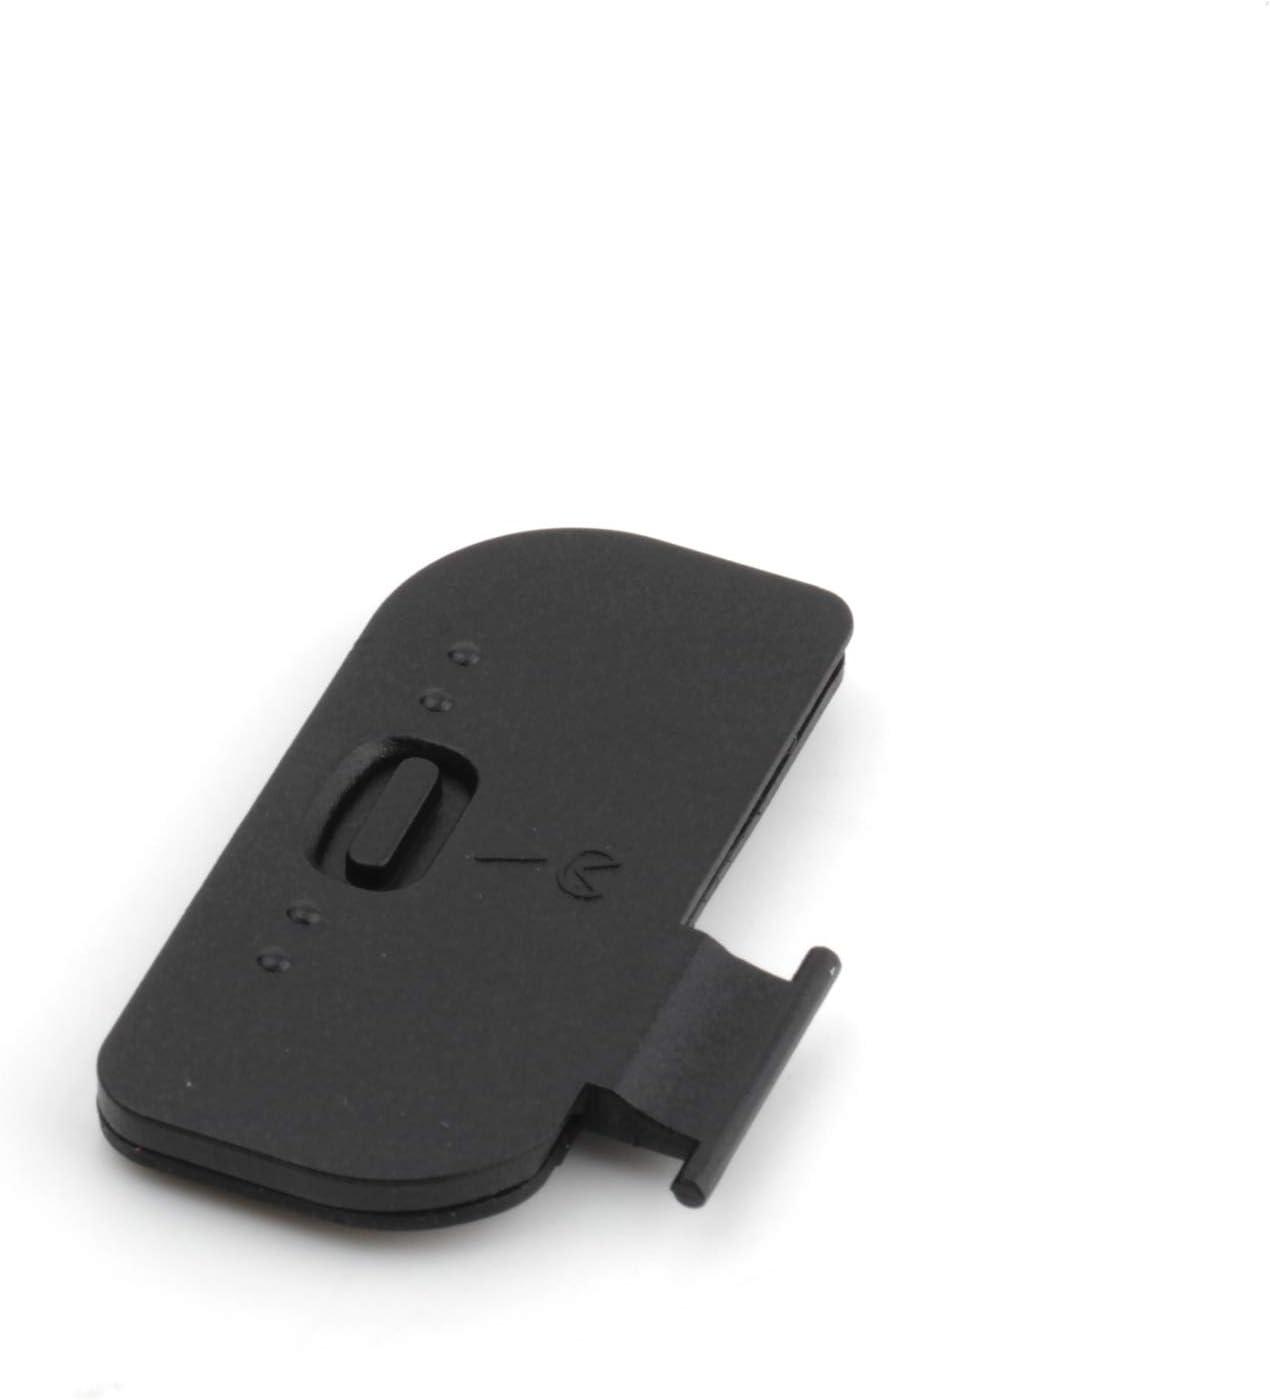 Pixco Couvercle du Couvercle du Couvercle de la Batterie pi/èce de Rechange pour/Nikon d7000 d610 d600 d7100